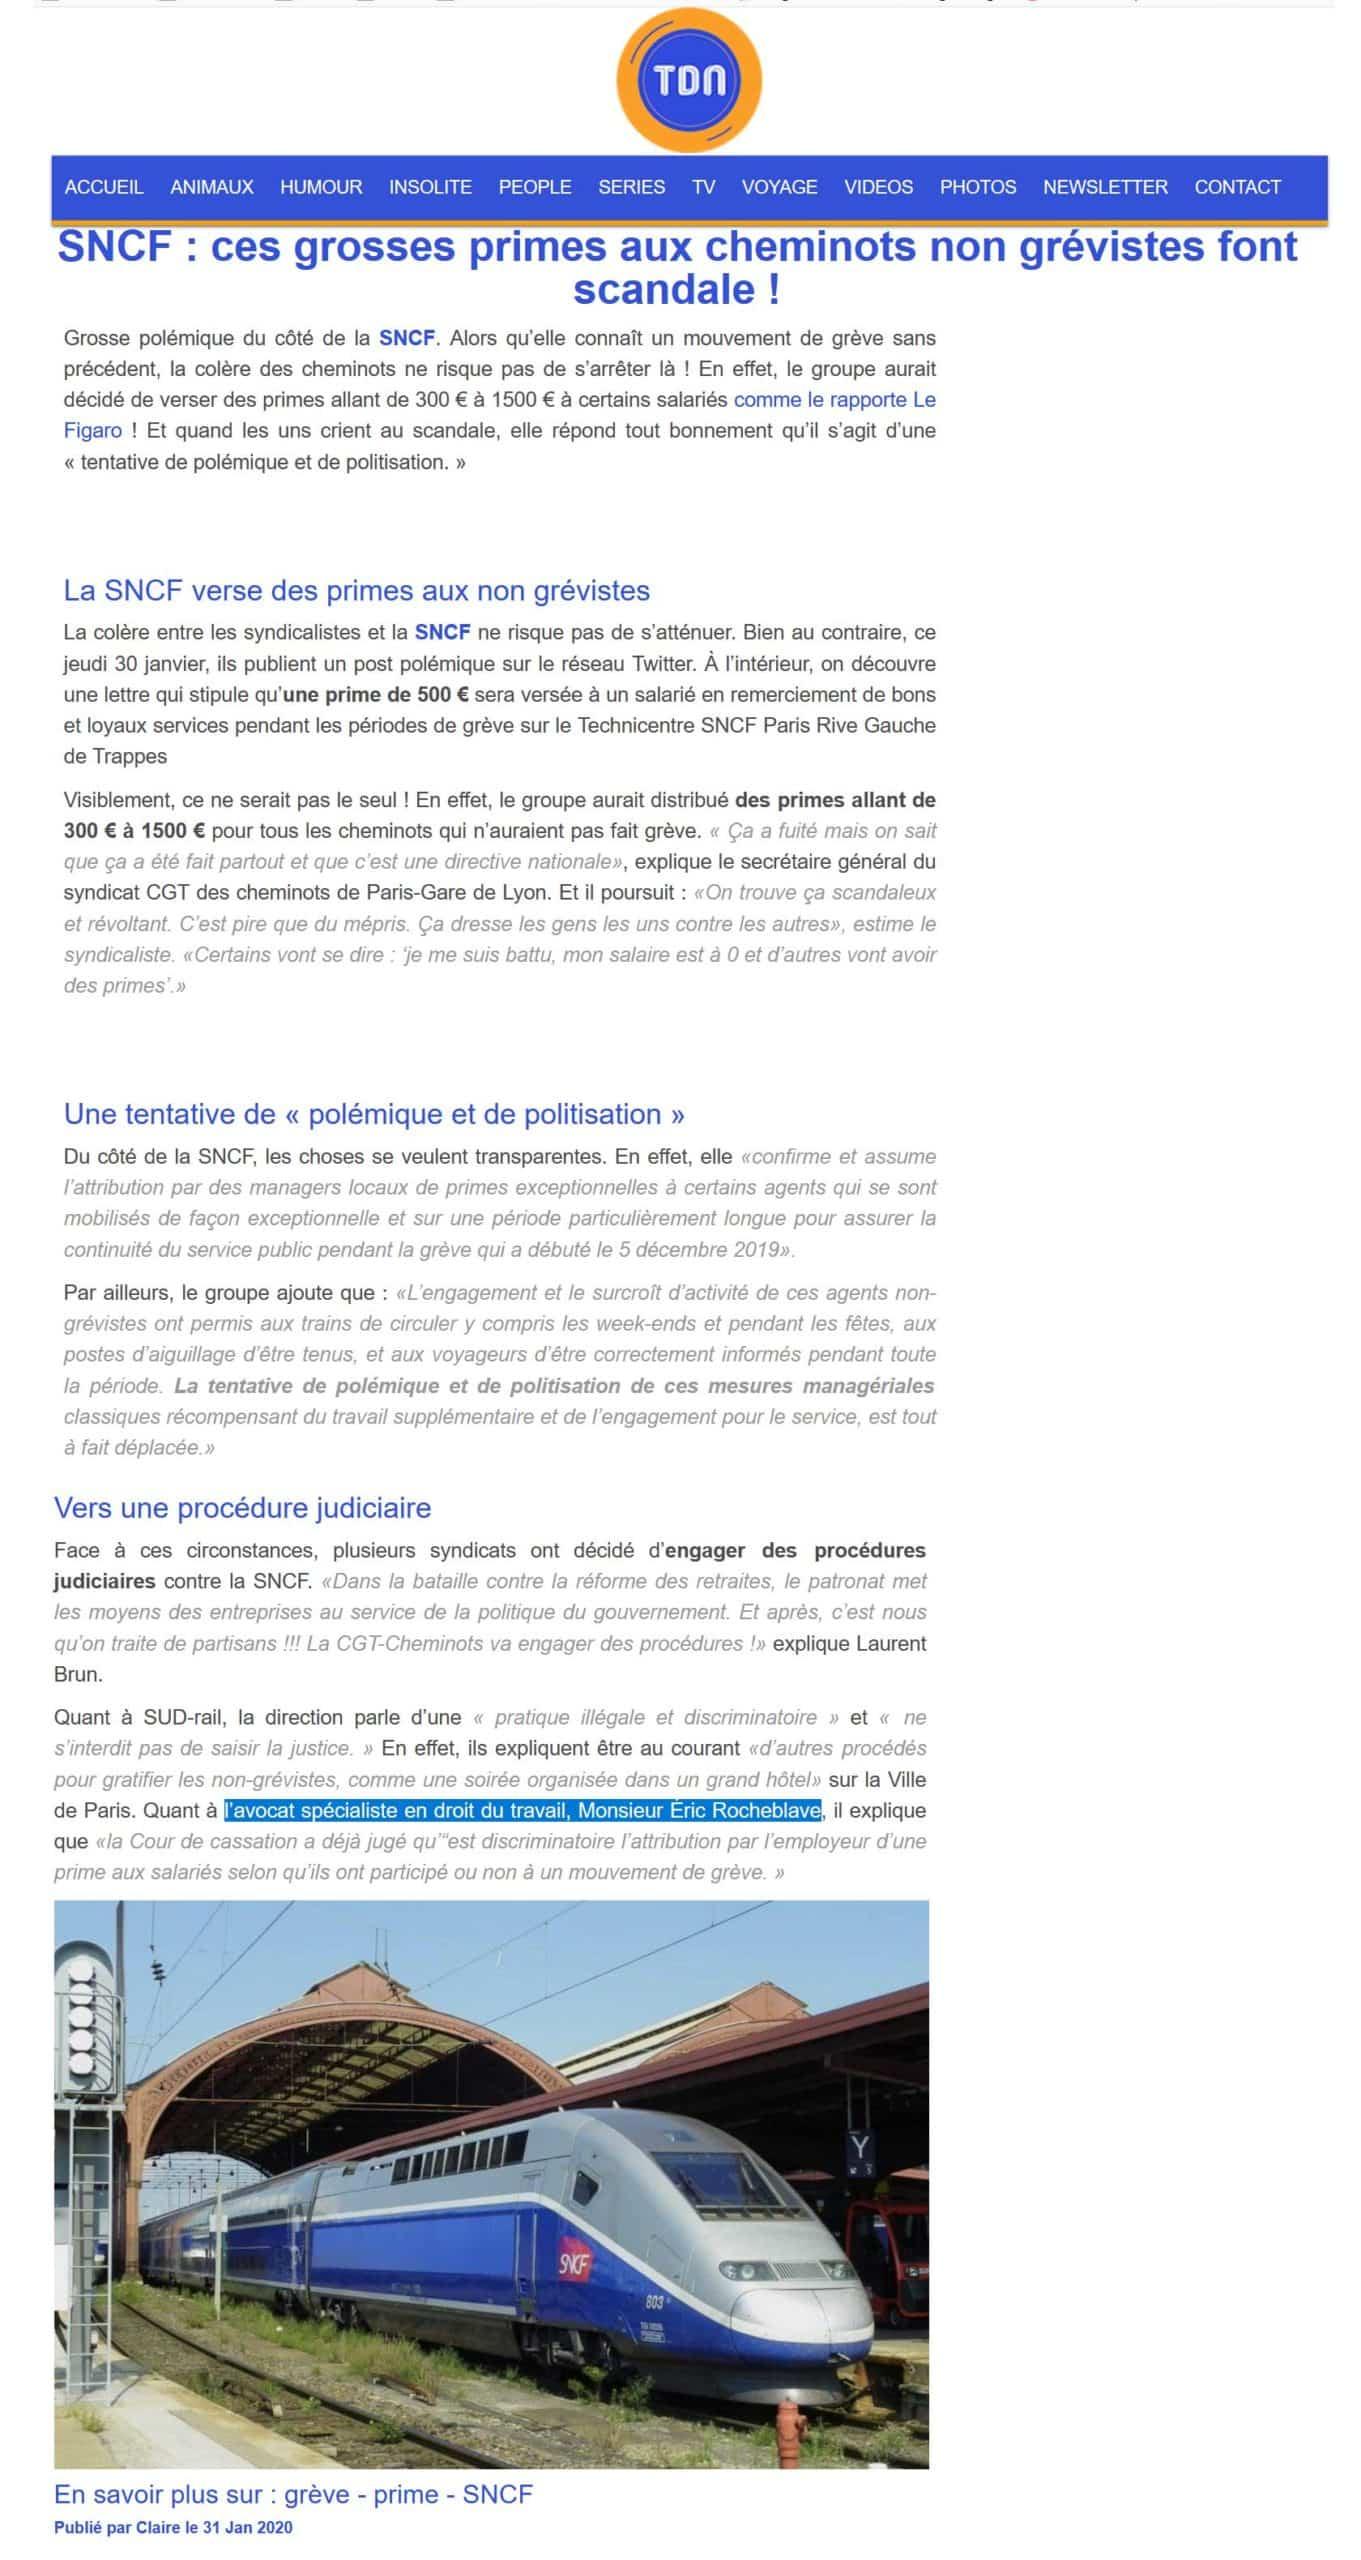 SNCF primes non grévistes